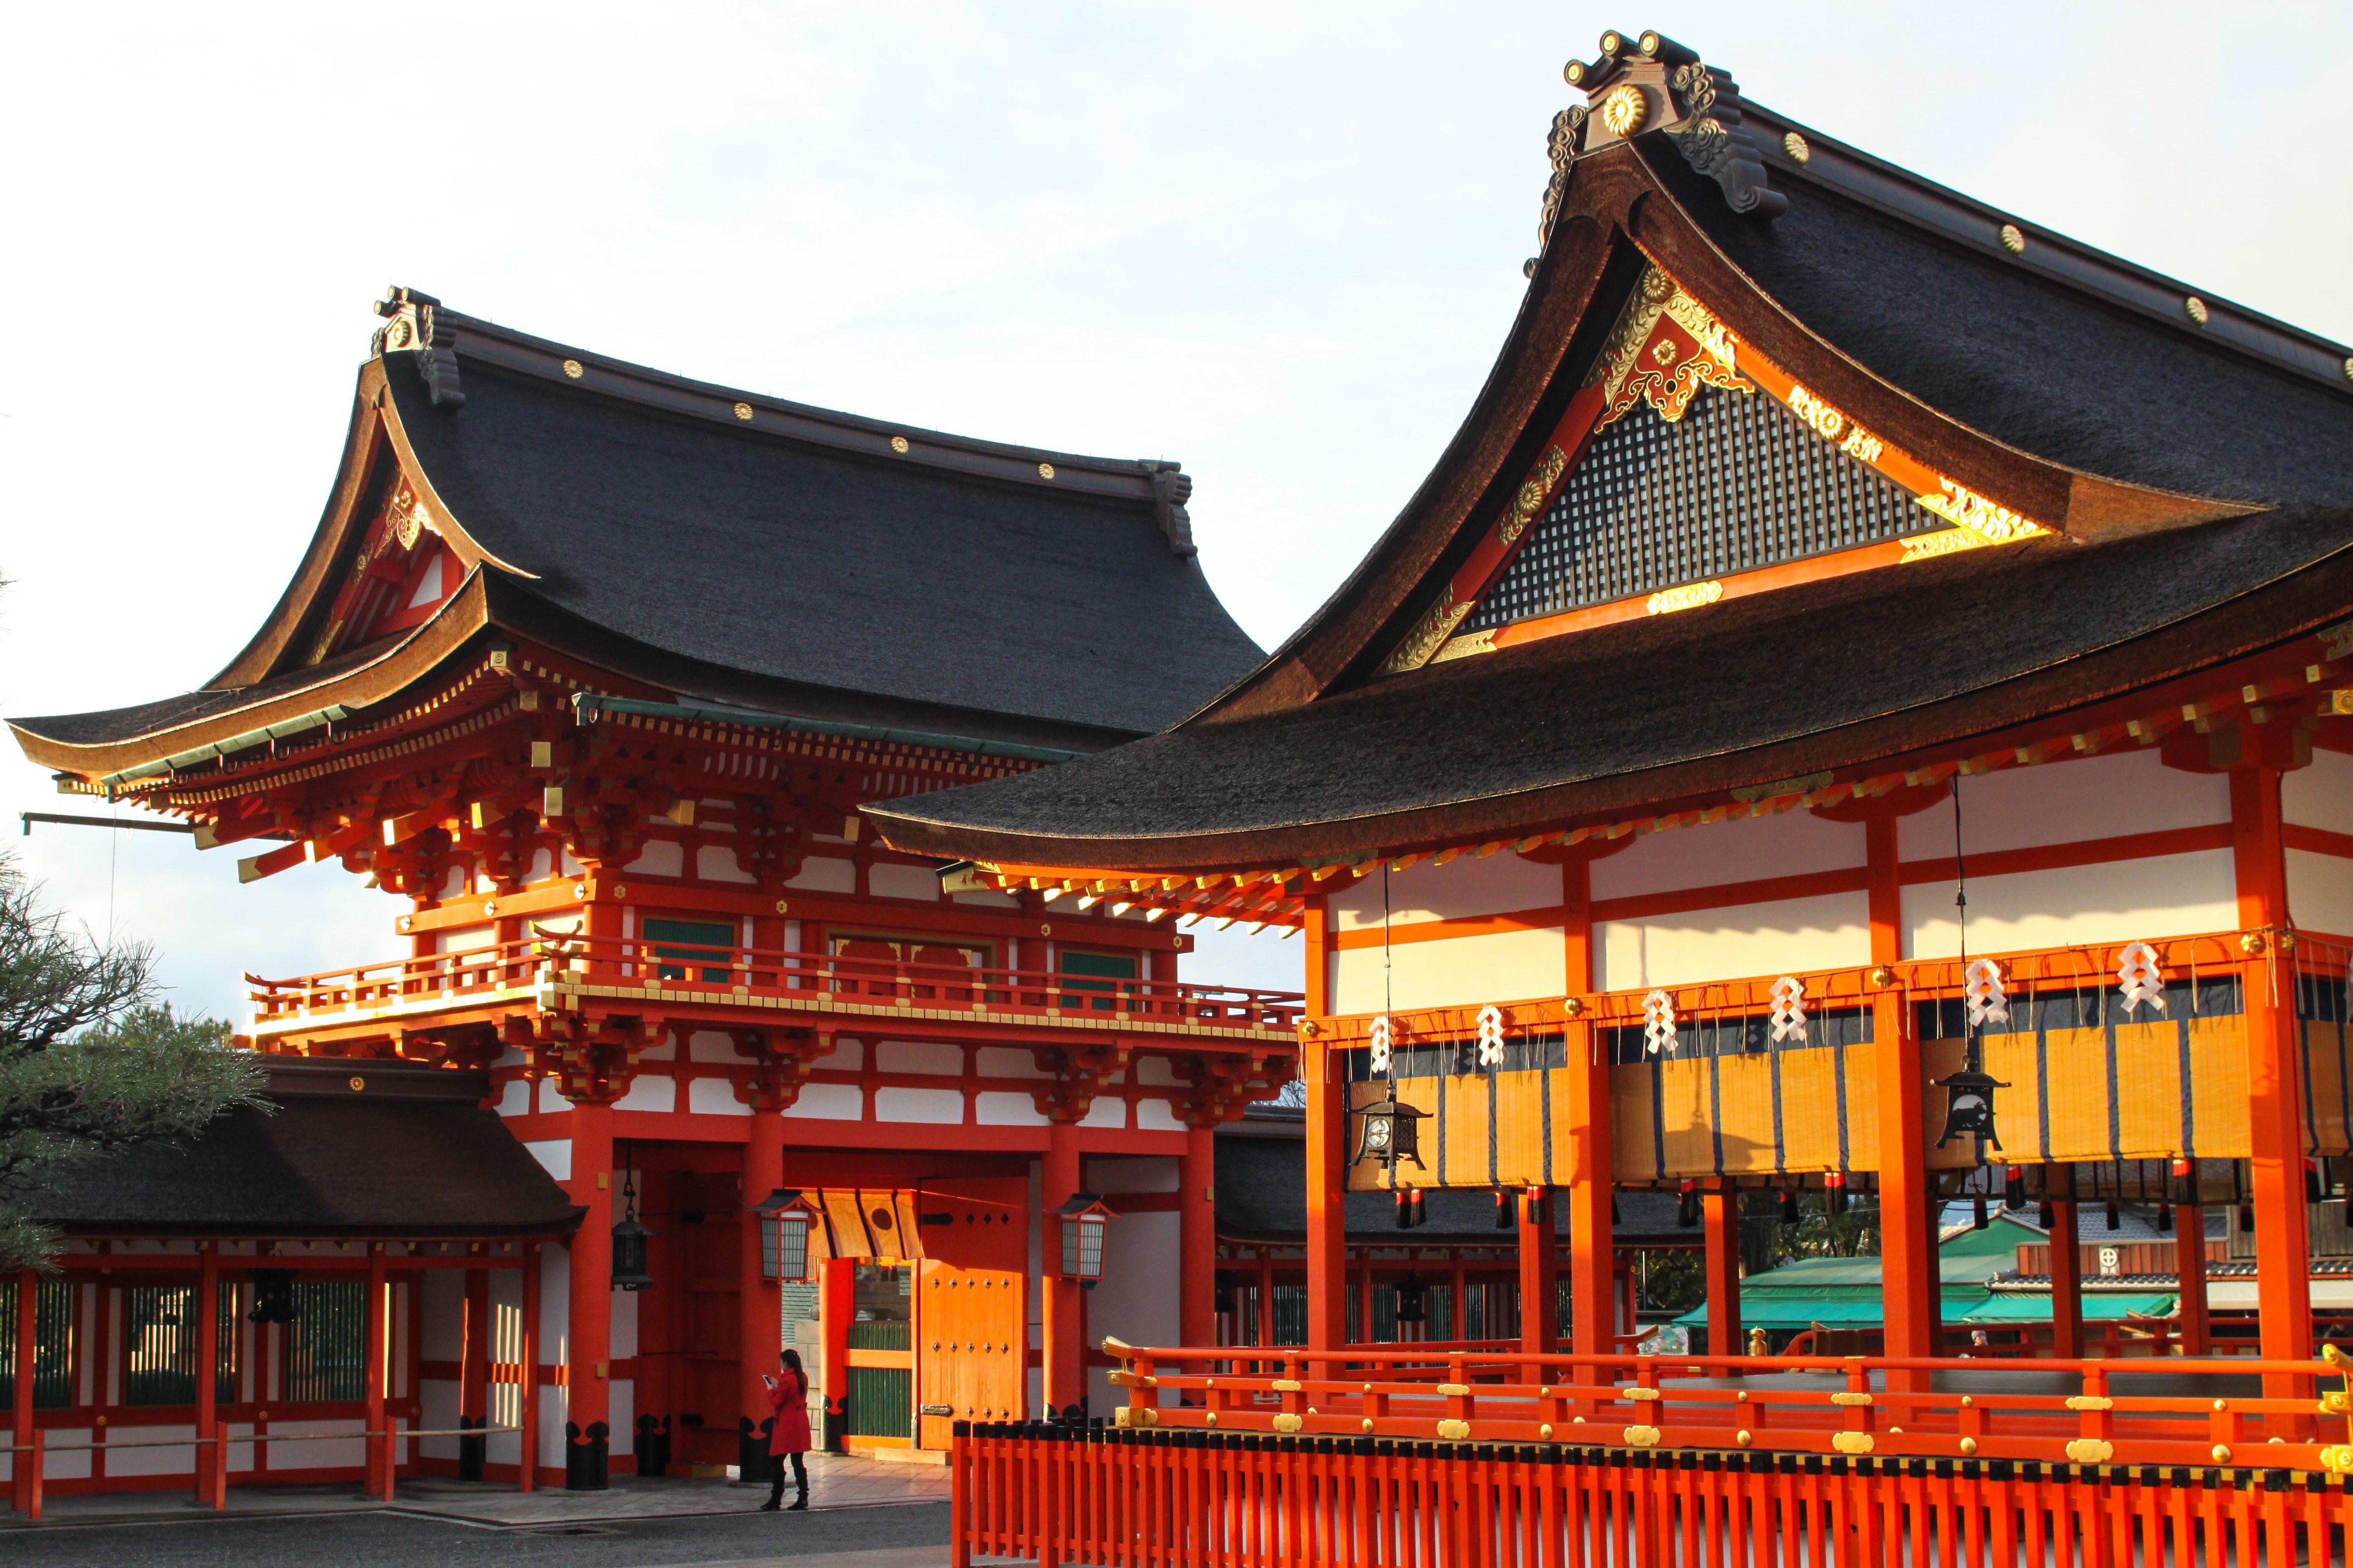 Tokyo va hanh trinh kham pha nhip song thuong ngay o Nhat Ban hinh anh 98